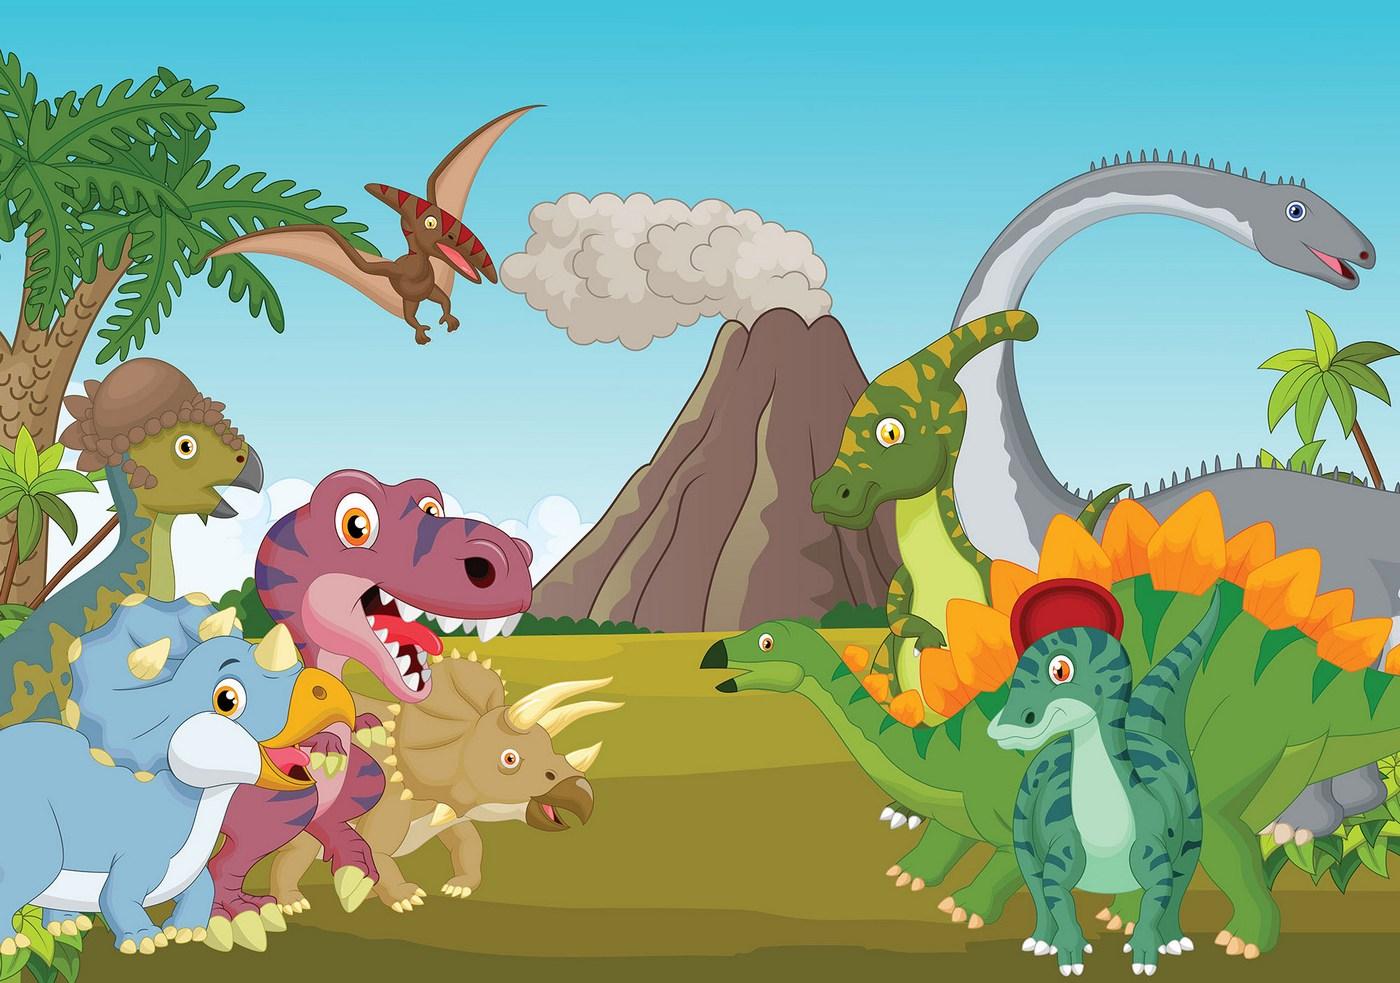 Vlies Fototapete 4530 - Kinder & Jugend Tapete Dinosaurier Vulkan Wald  Wiese bunt